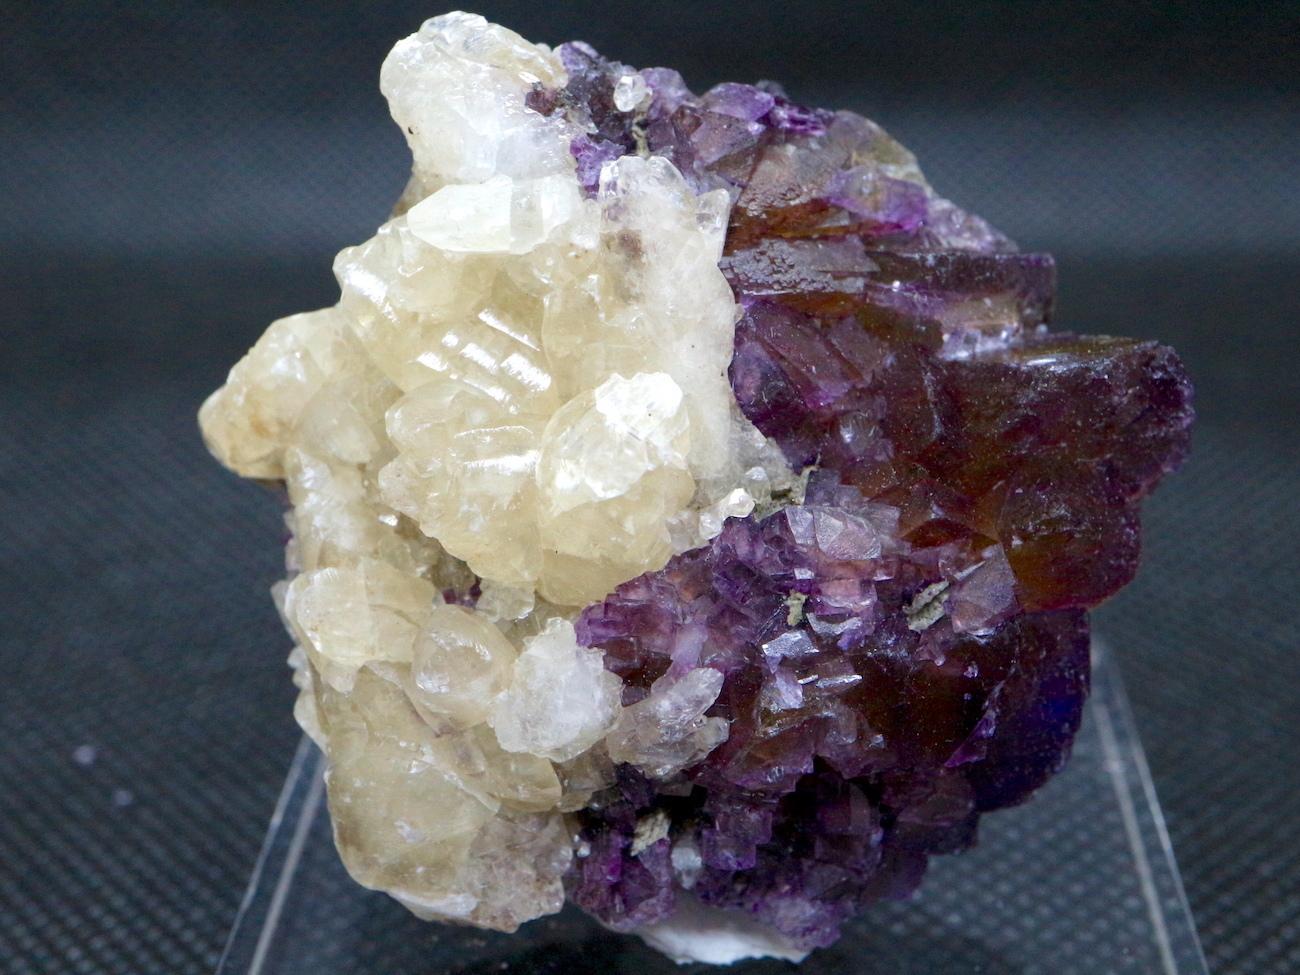 イリノイ産! フローライト+カルサイト  蛍石 原石 57,6g  FL023 鉱物 天然石 パワーストーン